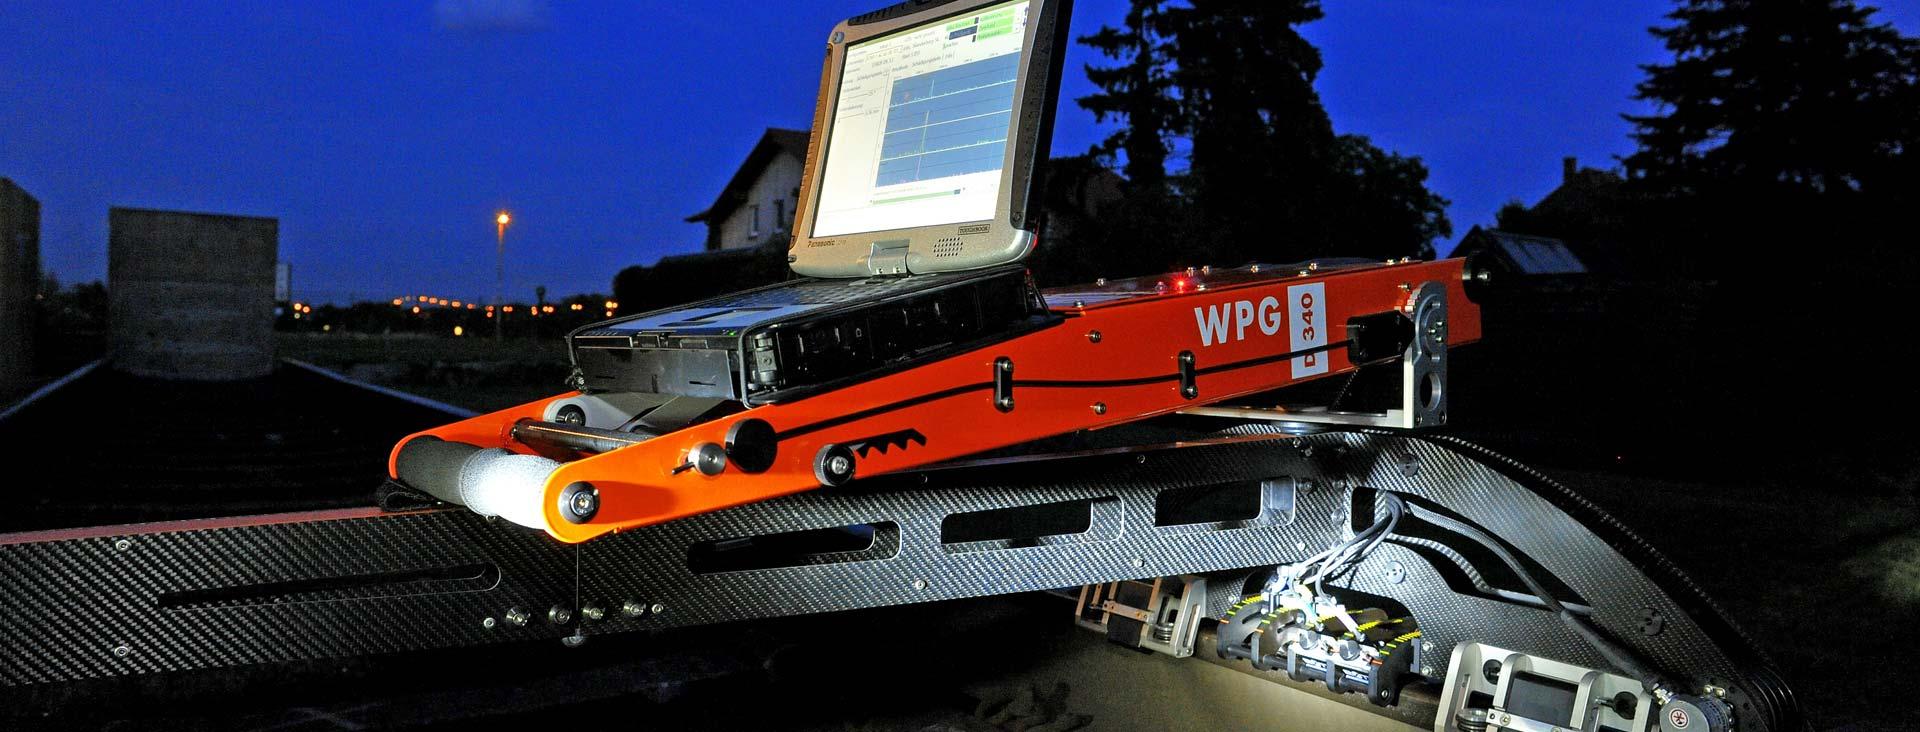 ローマン社製渦流探傷装置